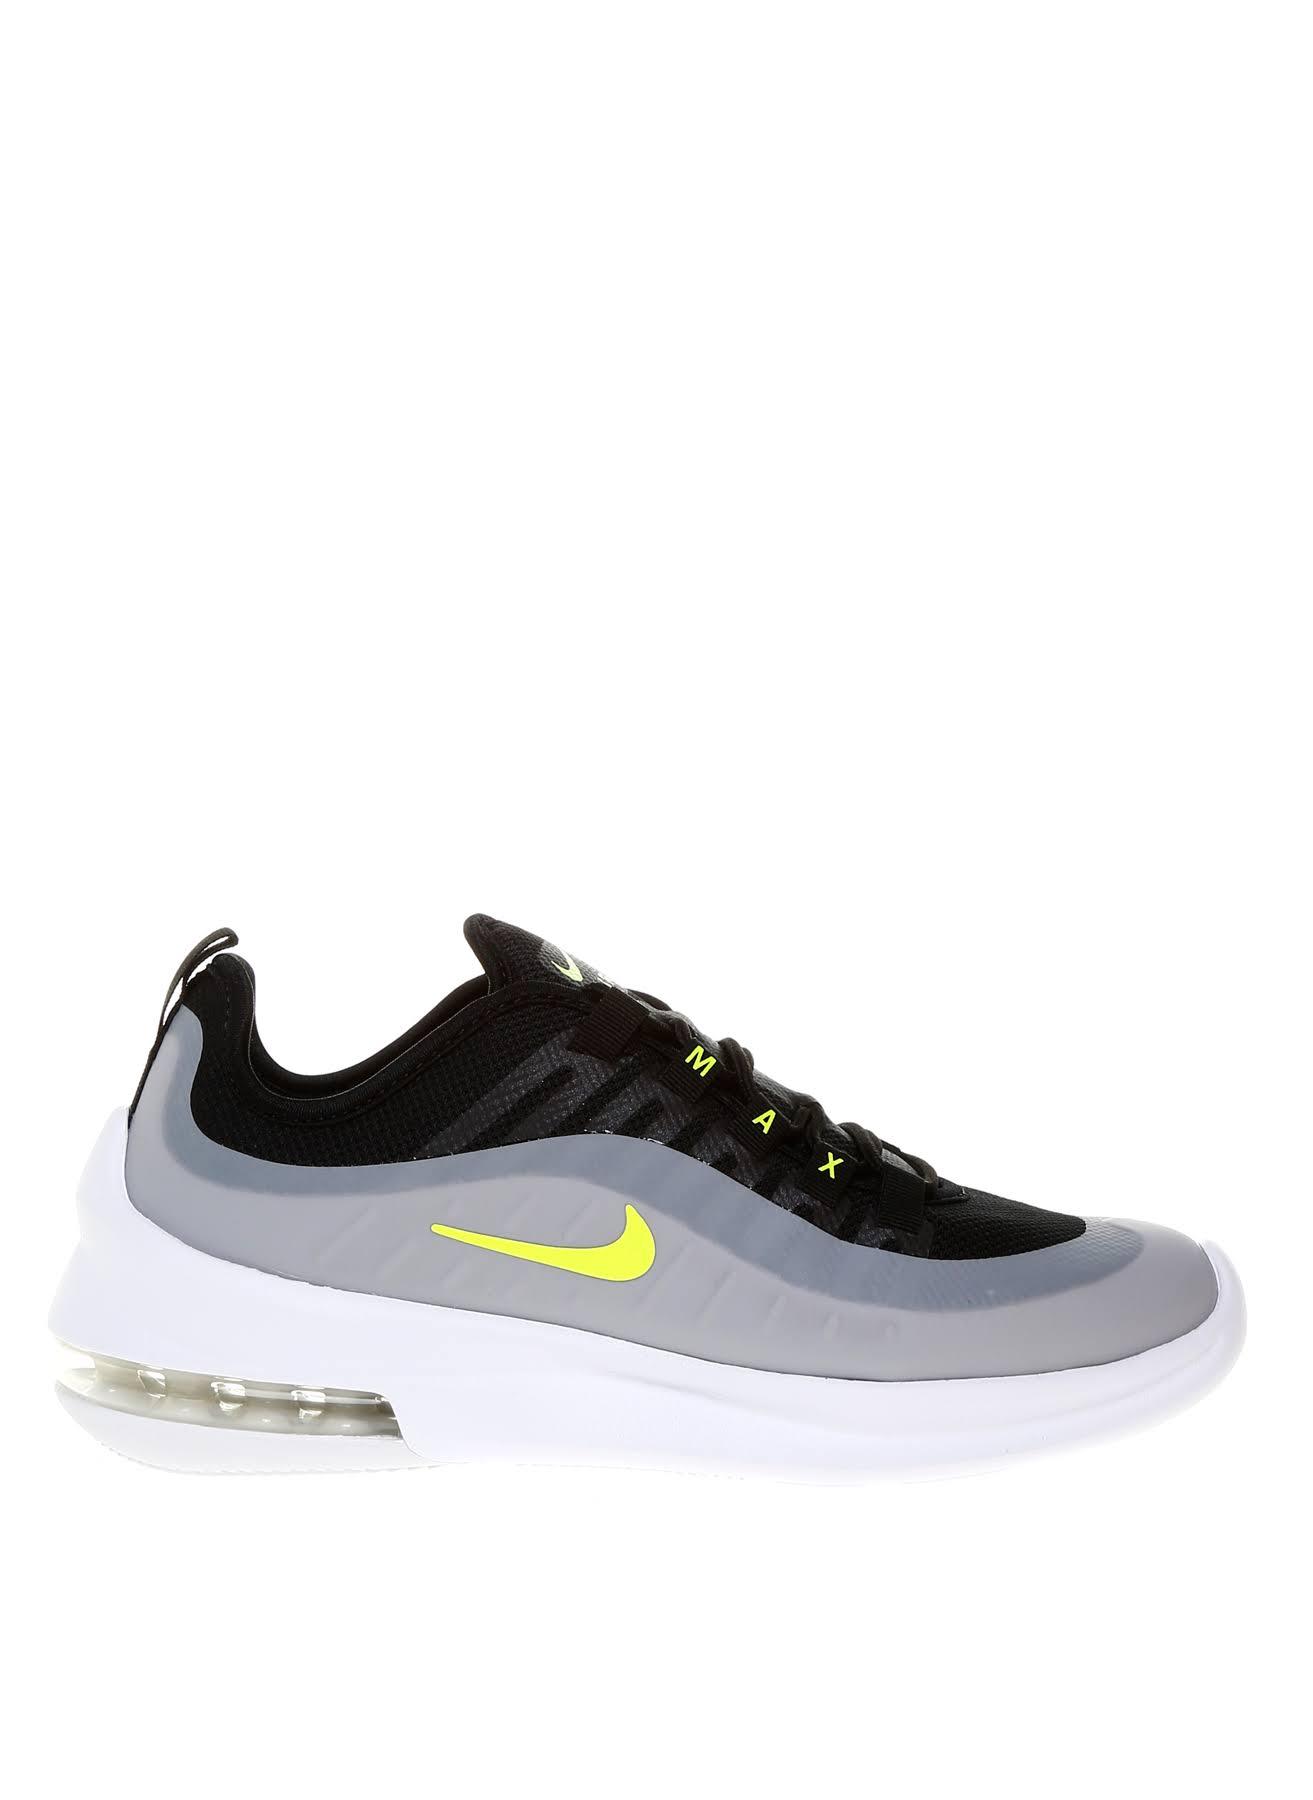 5001635028009 46 Air Max Lifestyle Axis Ayakkabı Nike fYXZRx